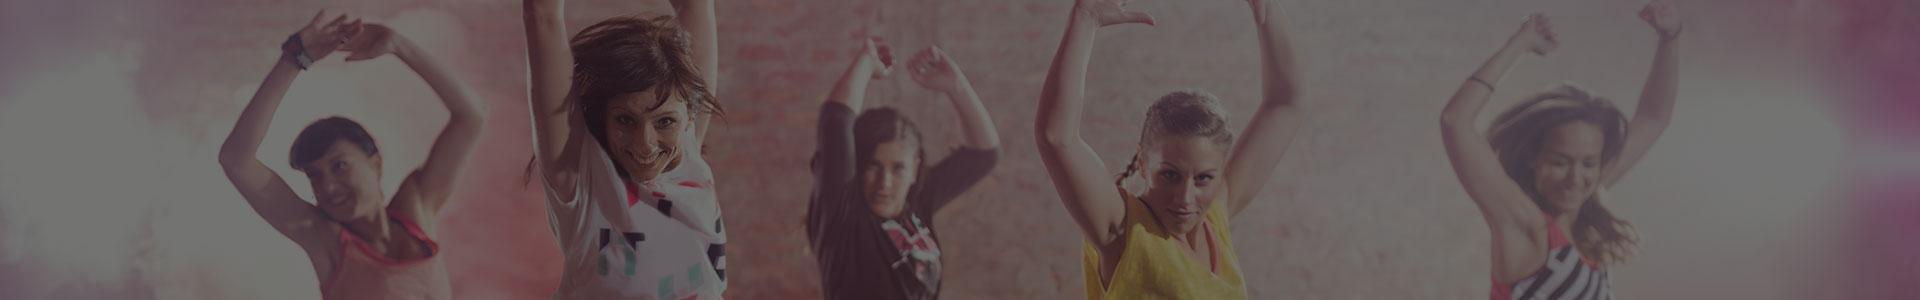 Kobiety tańczą razem